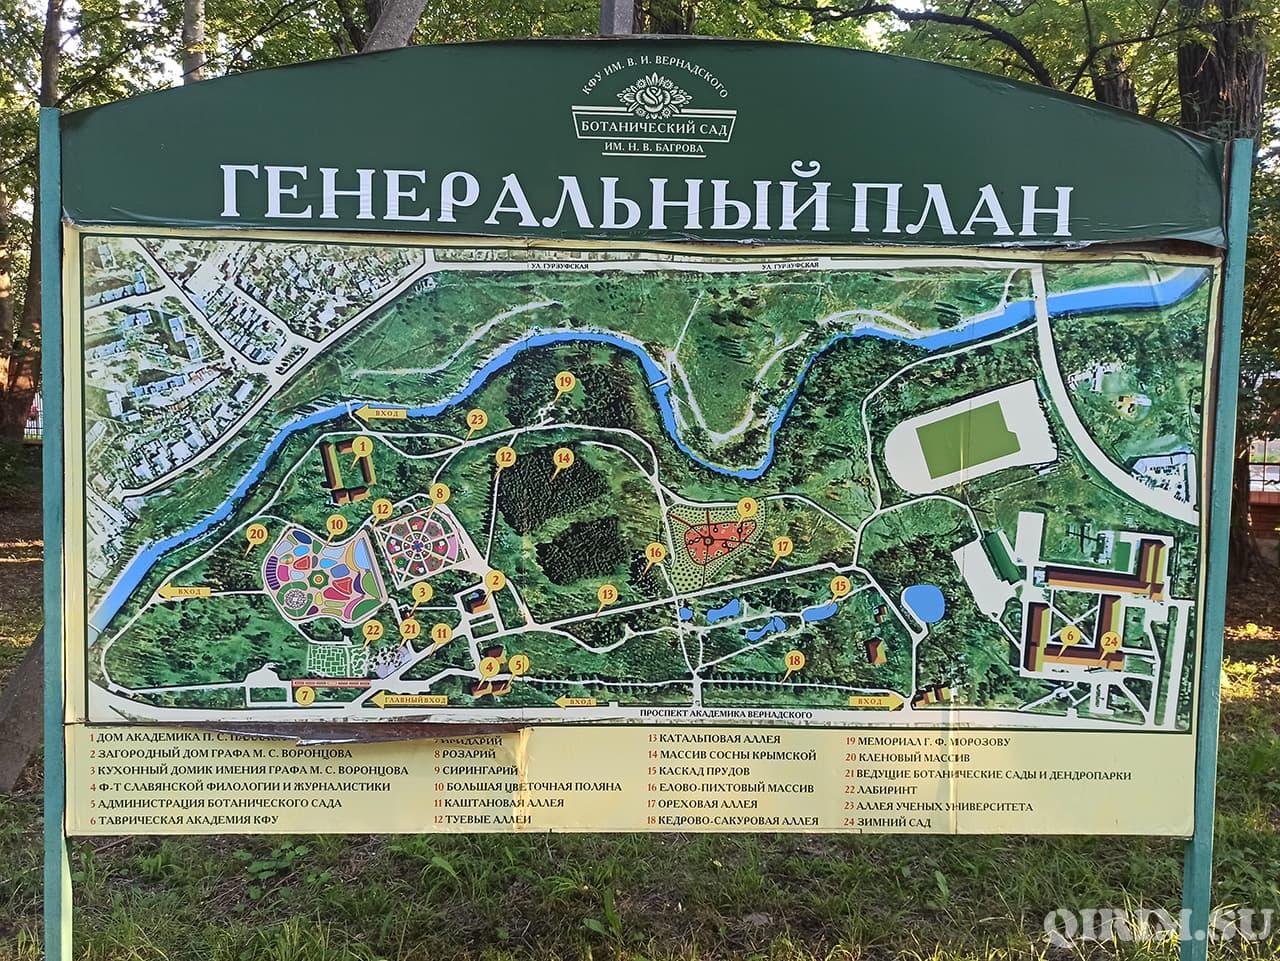 Генеральный план Ботанического сада имени Багрова